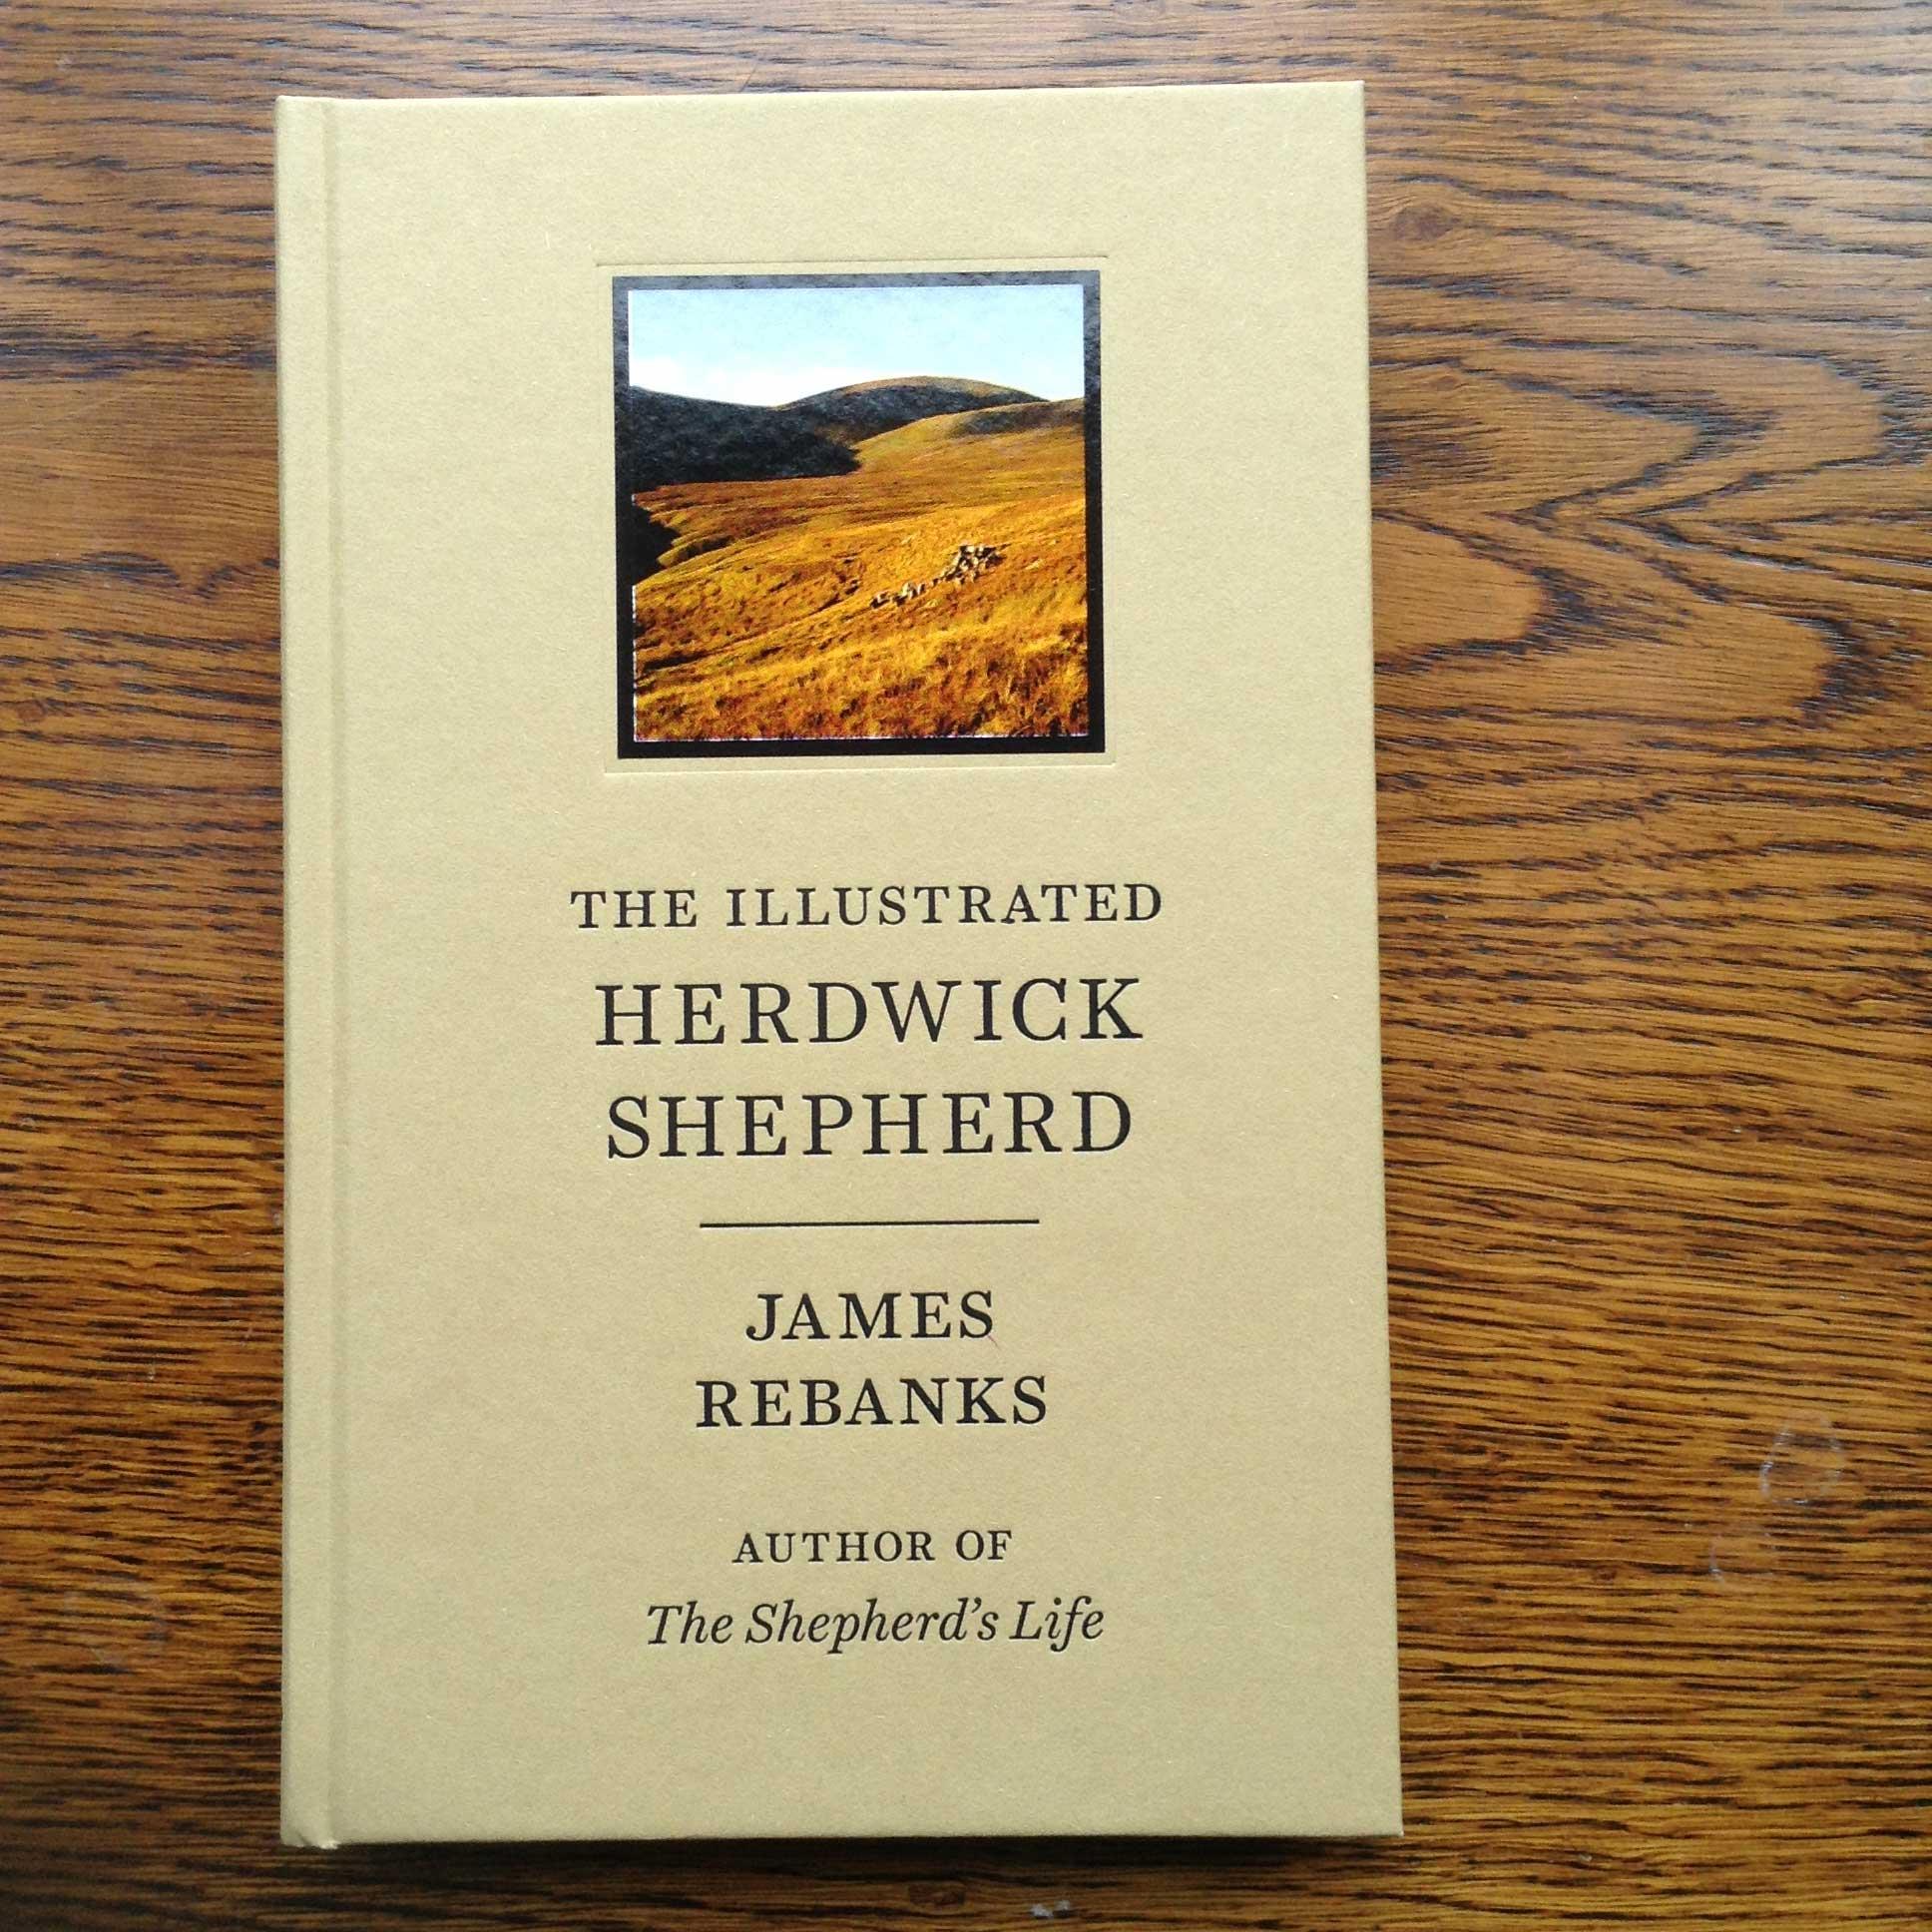 Herdwick shepherd book